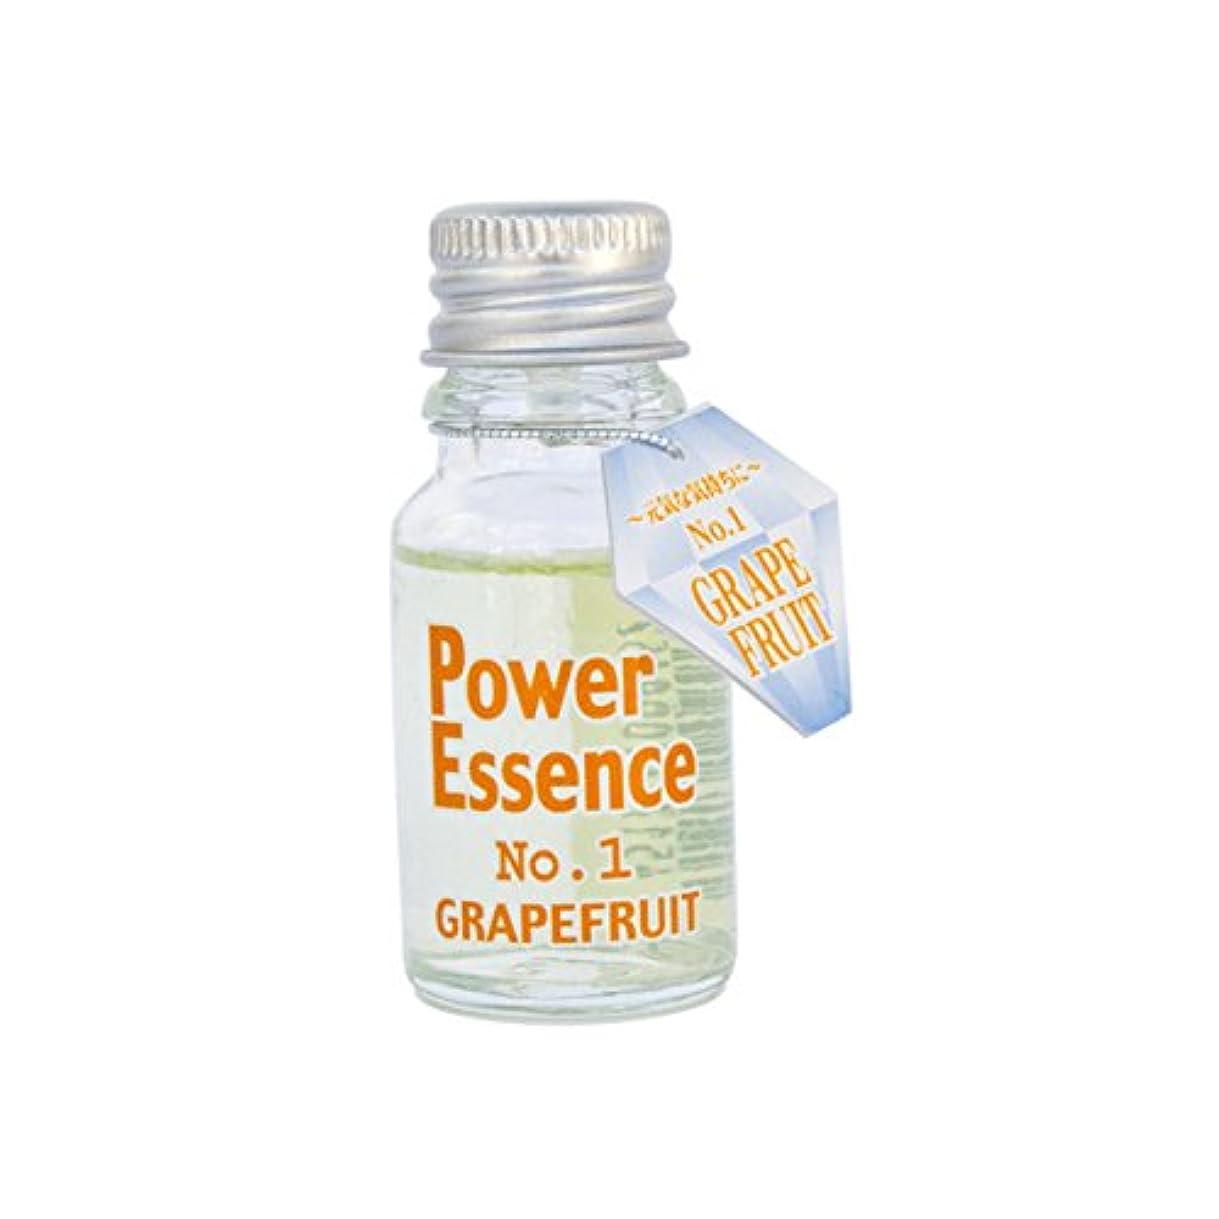 スプレー増幅配管パワーエッセンス No.1 グレープフルーツ